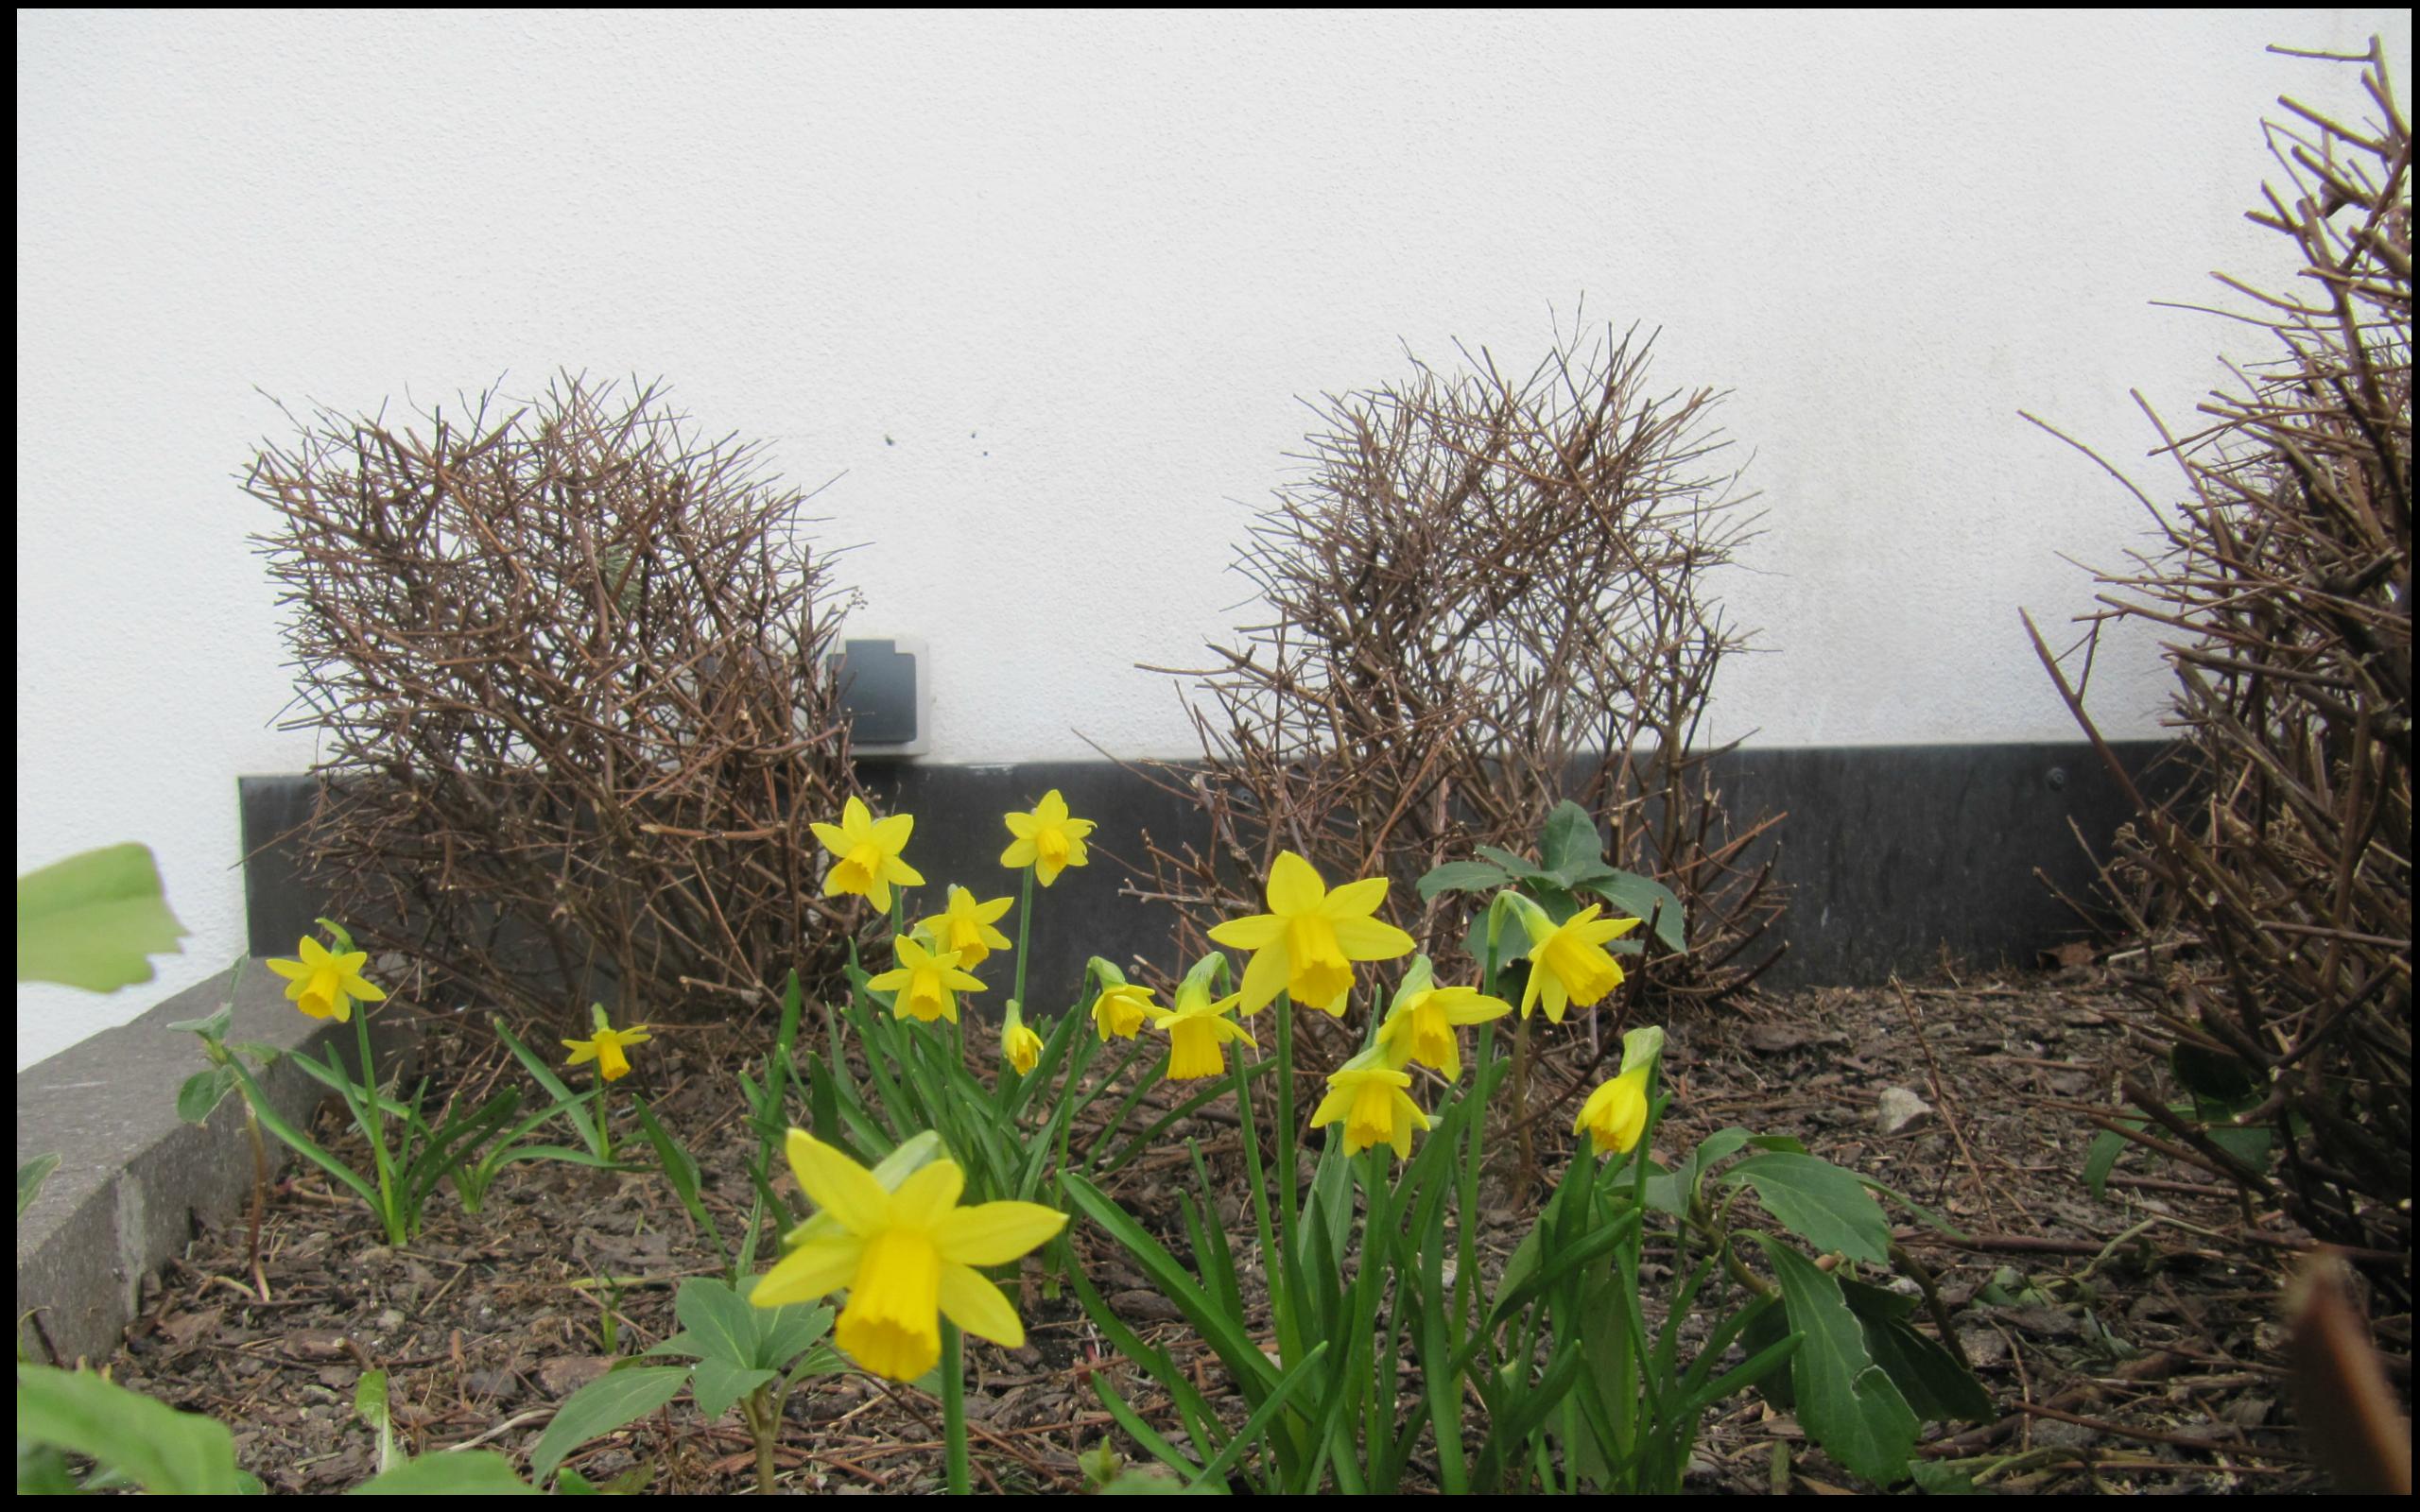 #frühlingsbeginn #garberhof #endlichfrühling #sonne